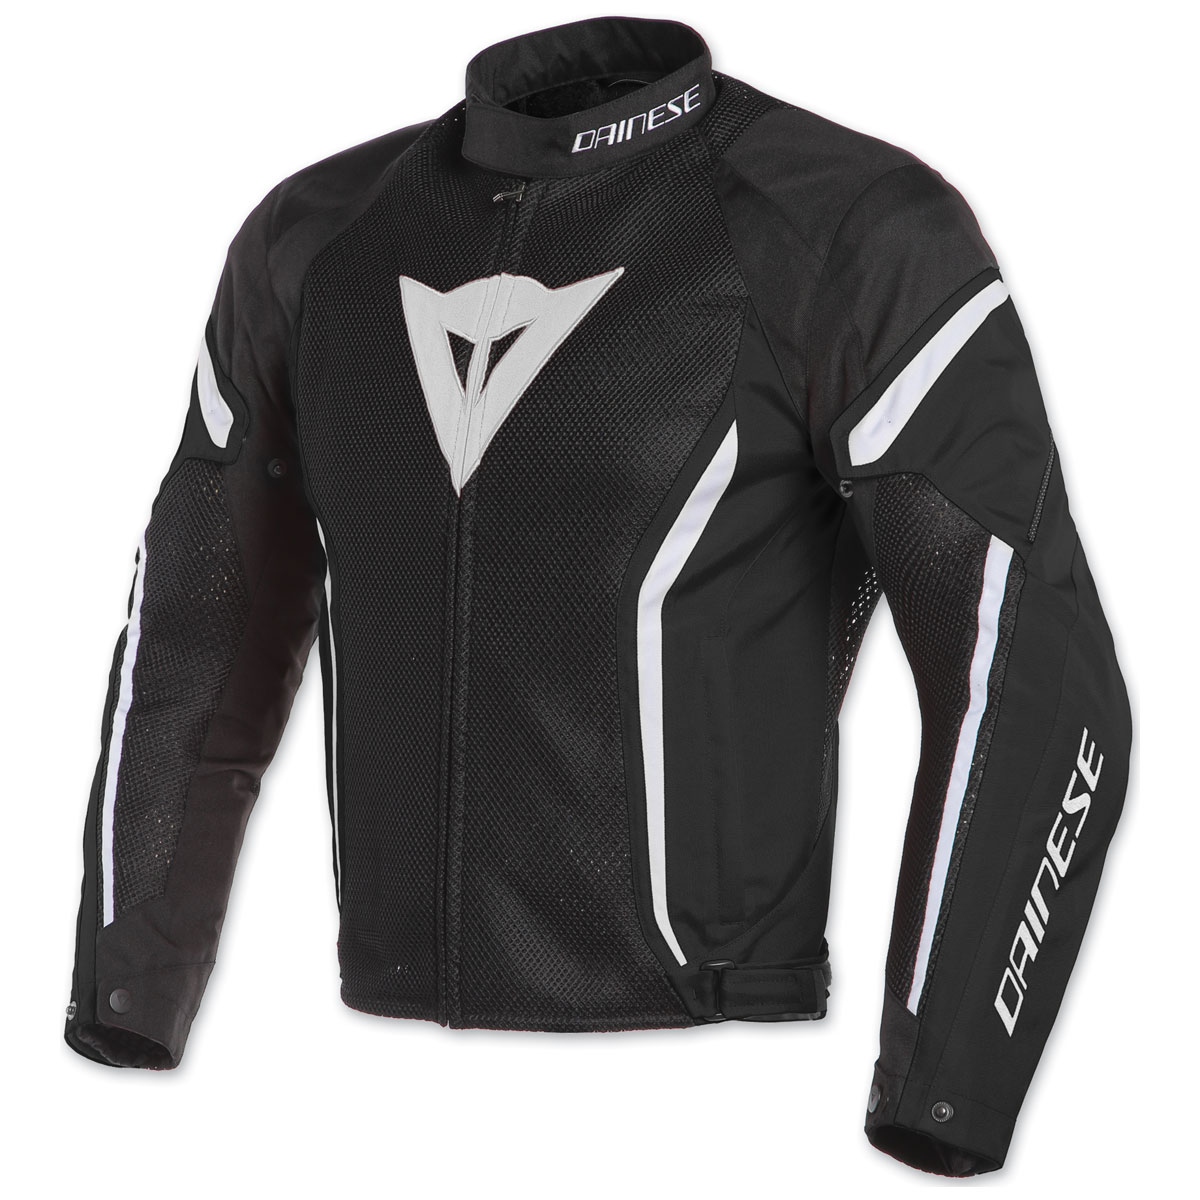 Dainese Men's Air Crono 2 Black/Black/White Textile Jacket